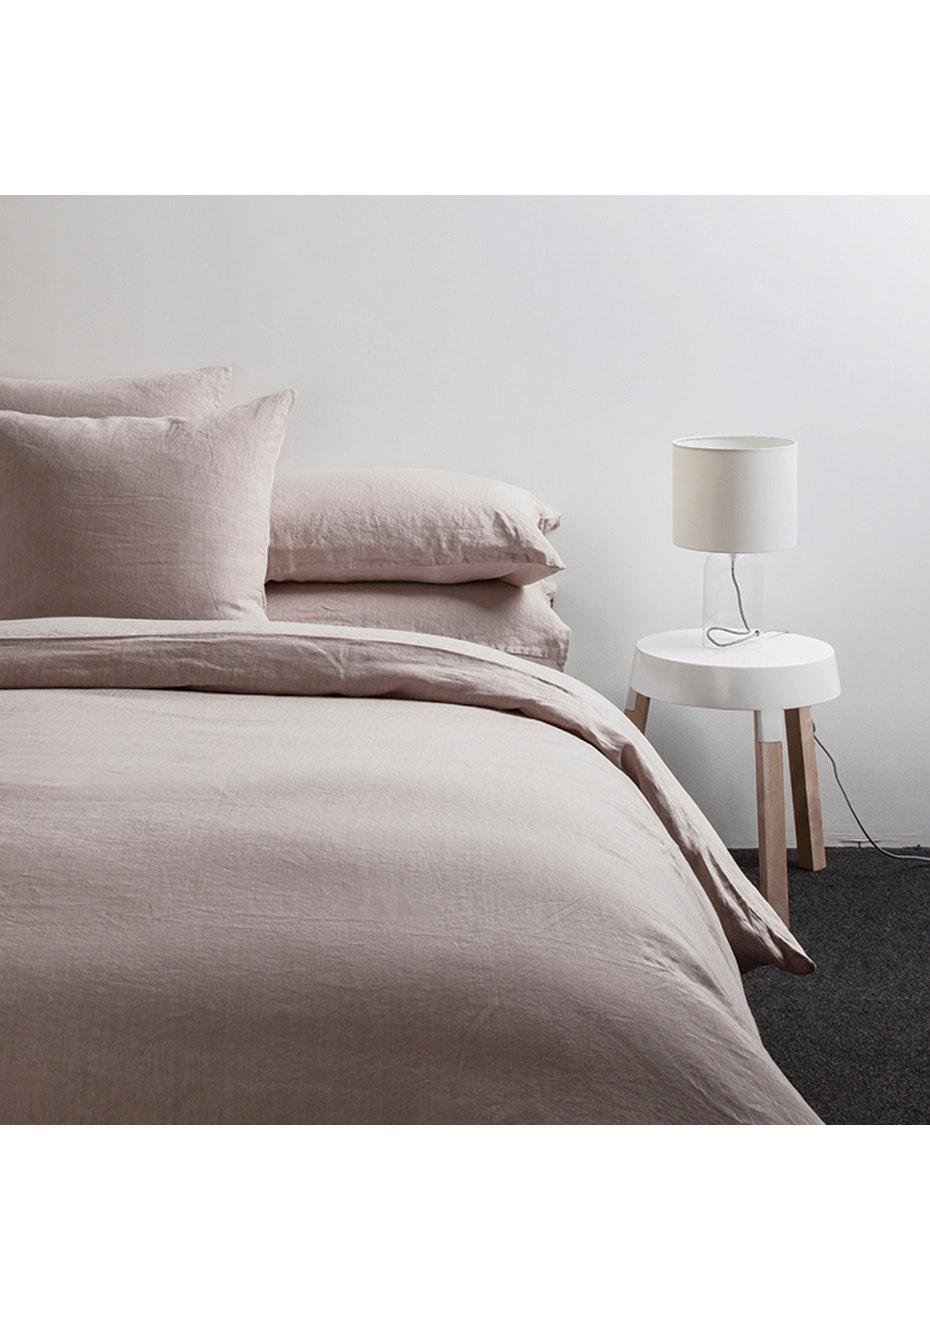 Citta - Sove Linen Duvet Cover - Queen - Oyster